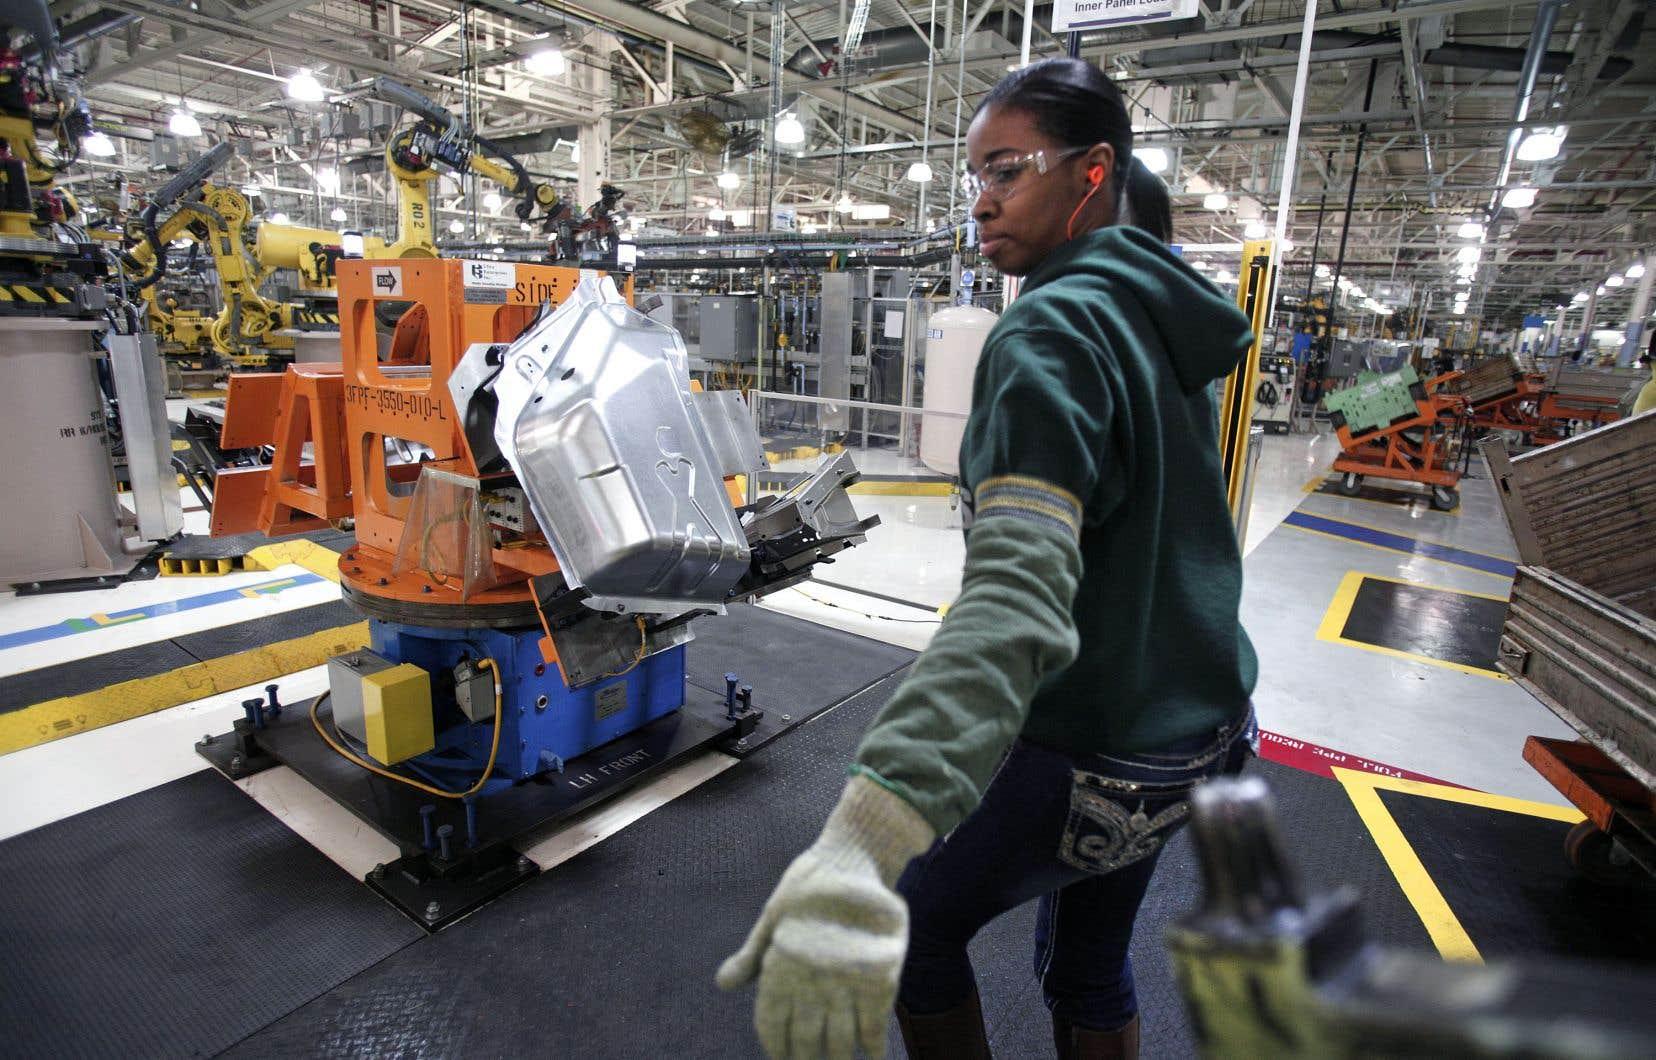 Dans le Michigan, le secteur automobile voit d'un mauvais oeil la hausse des coûts attendue, alors même que les ventes d'automobiles ralentissent sur le marché américain.